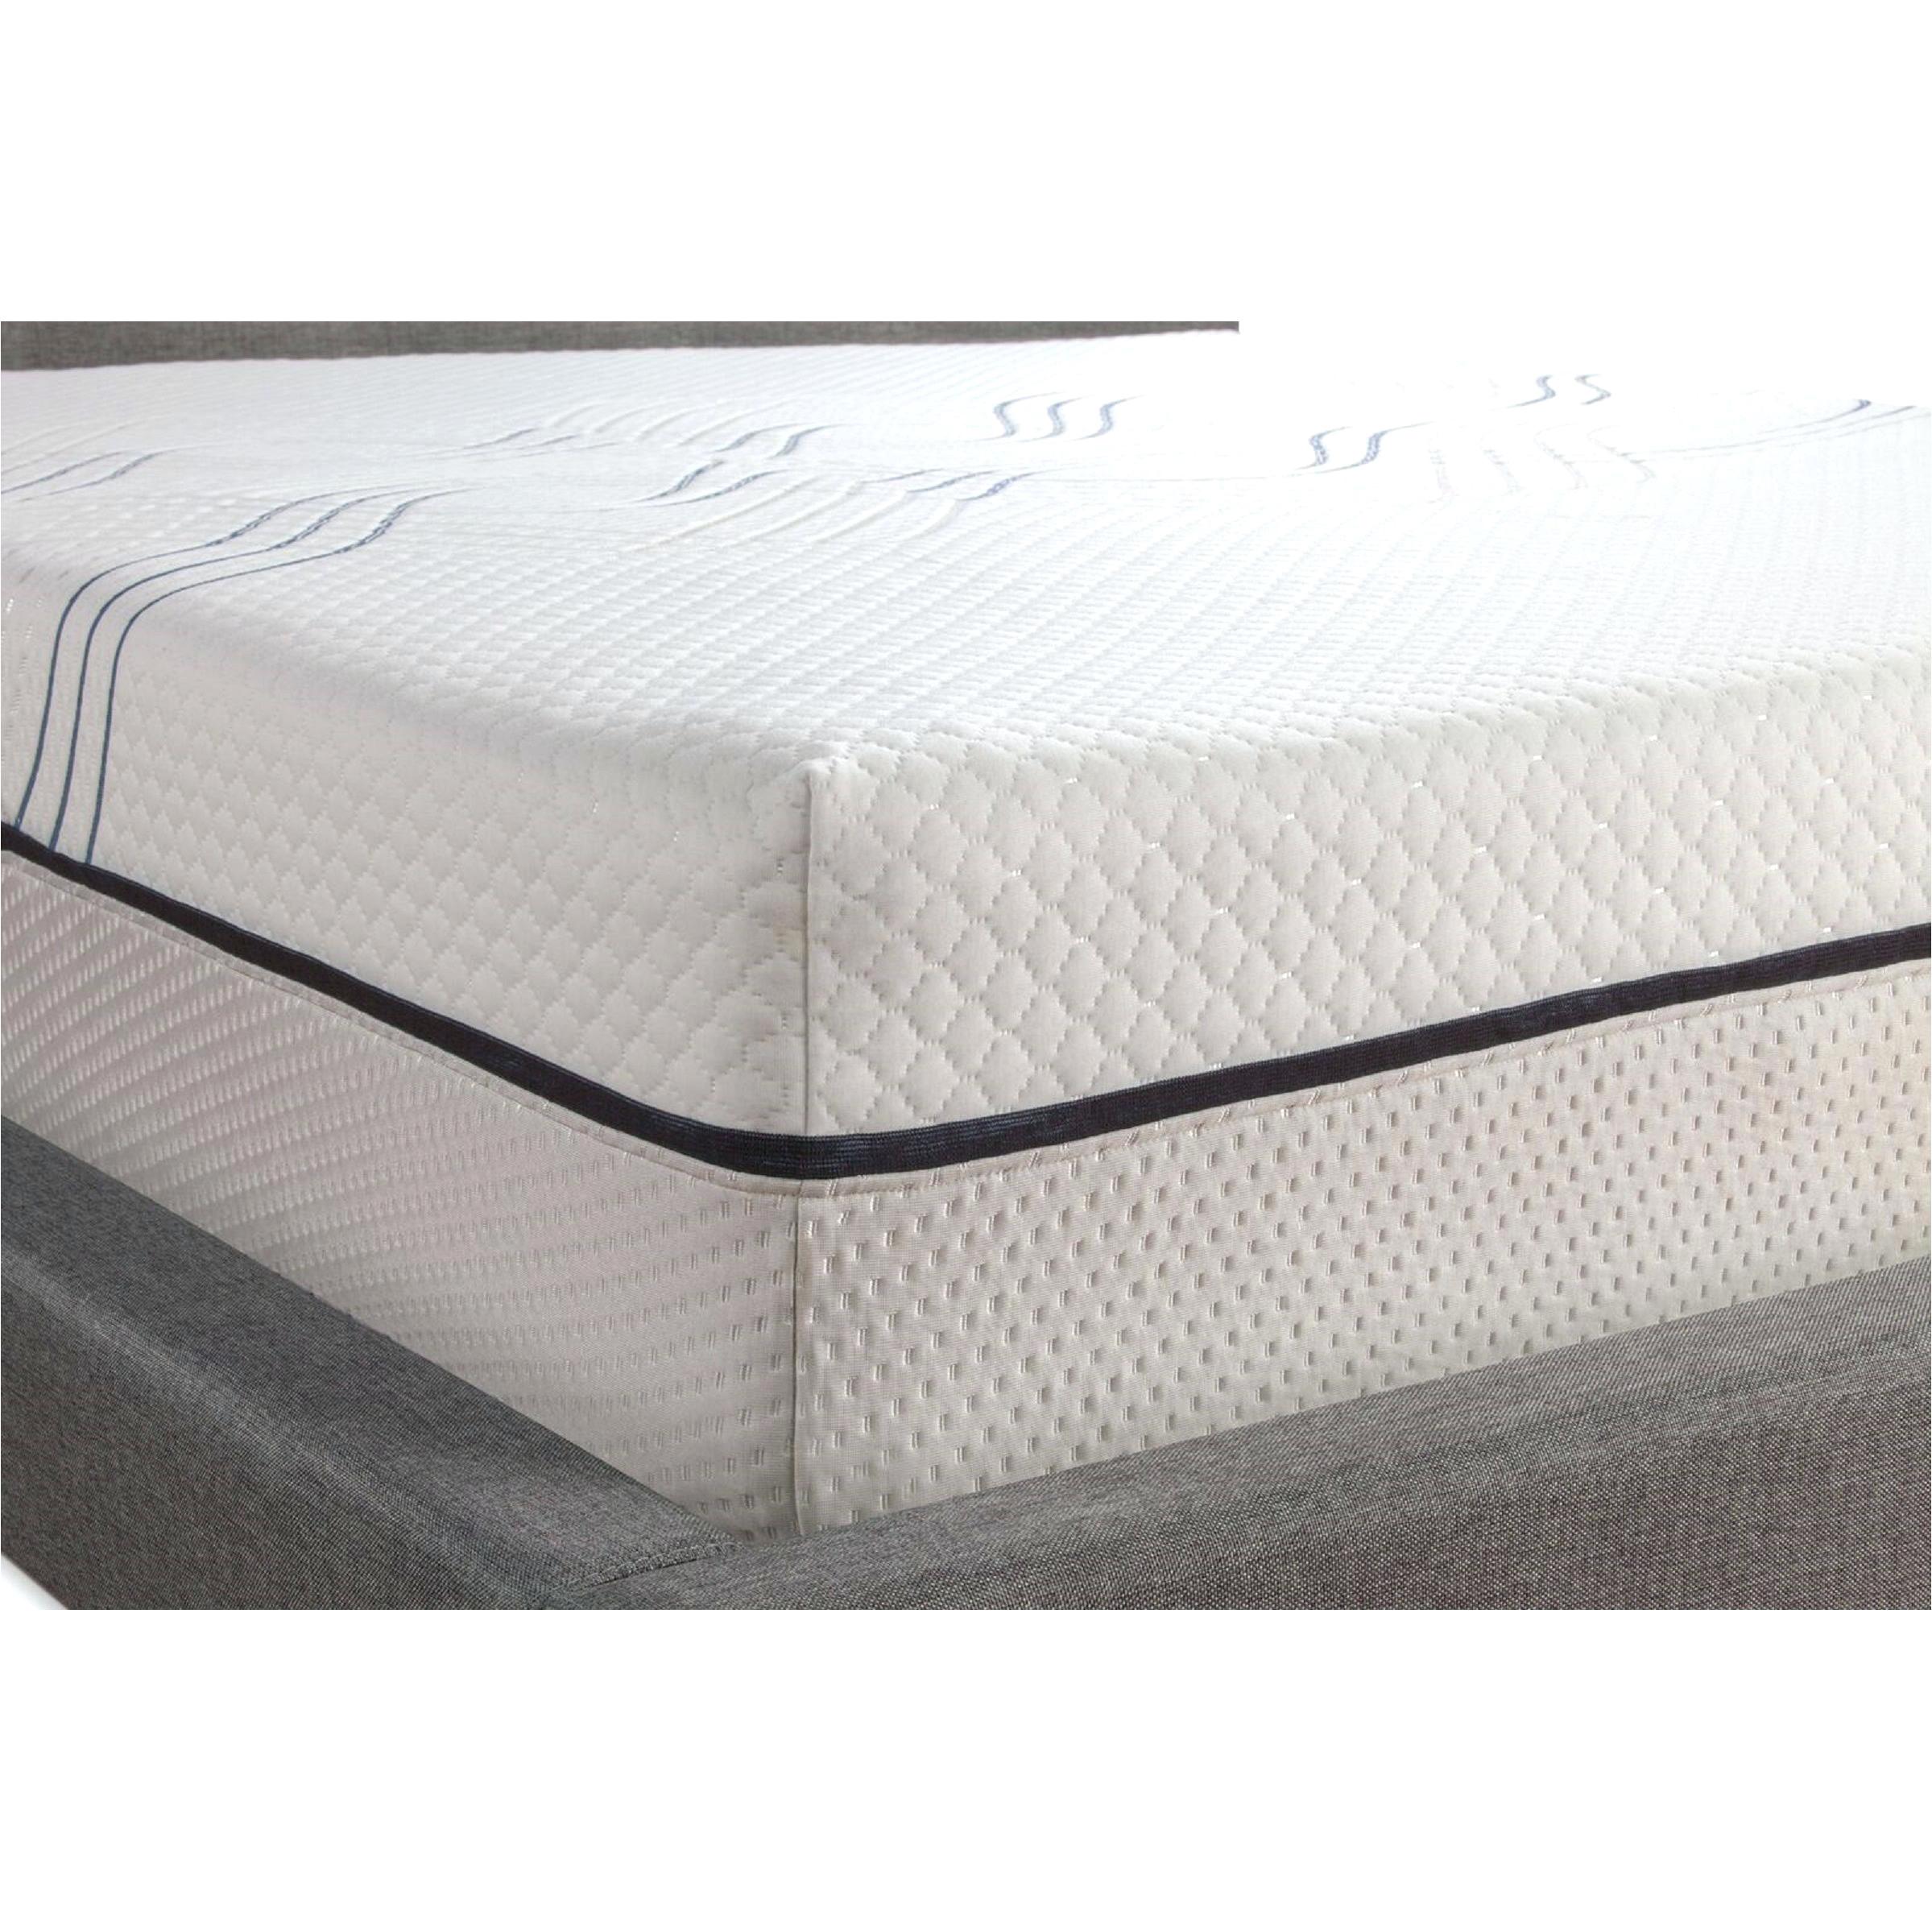 queen mattress artistic queen bed pillow top mattress cover